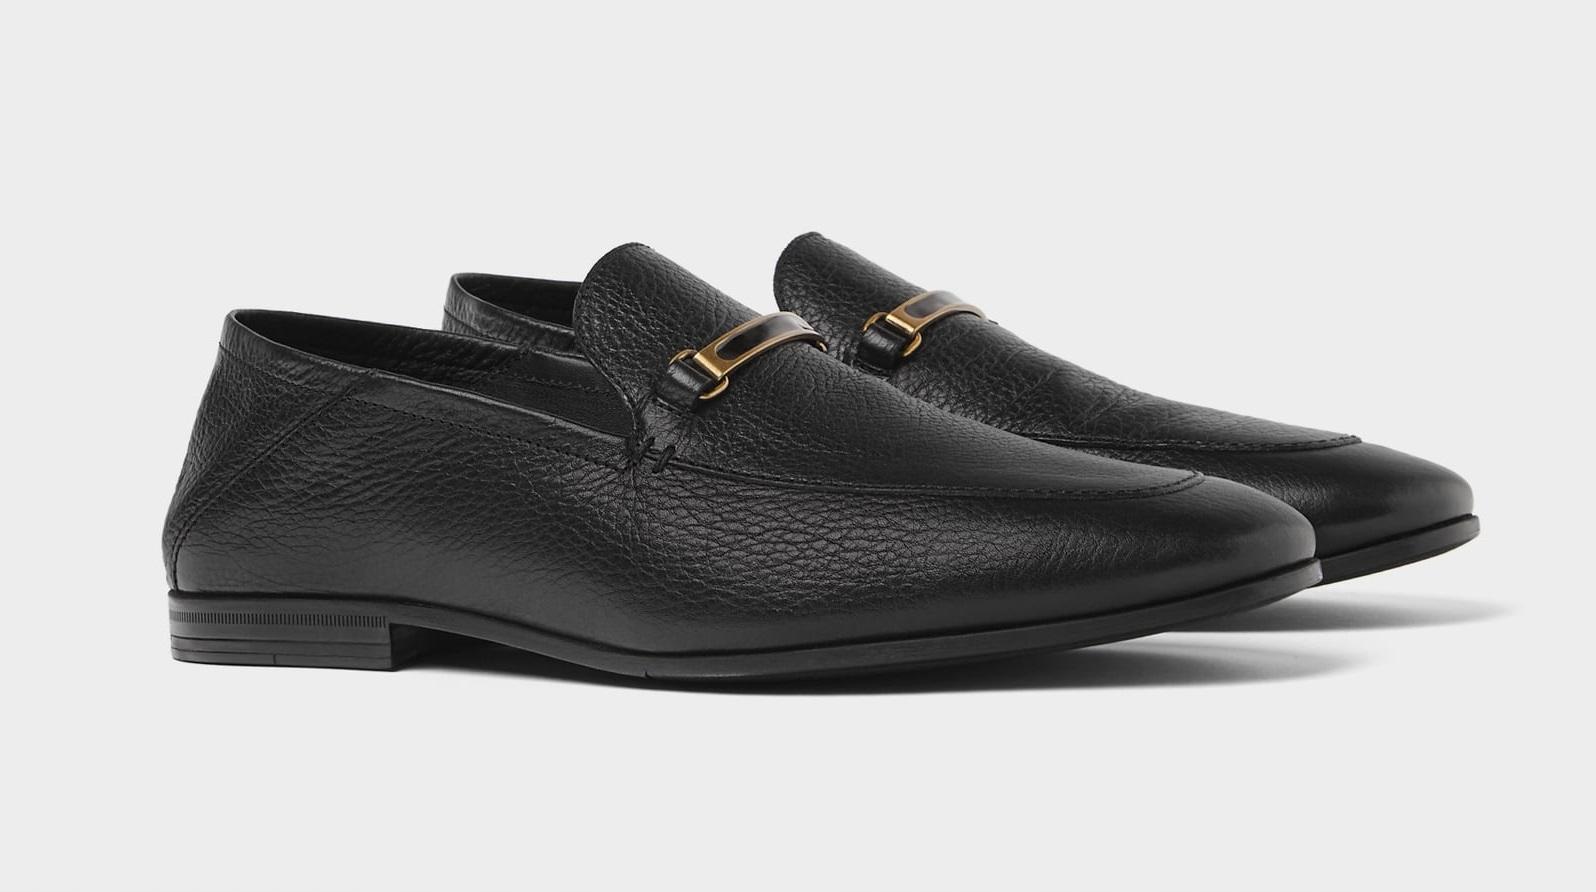 ZARA męskie buty mokasyny skórzane soft licowa 45